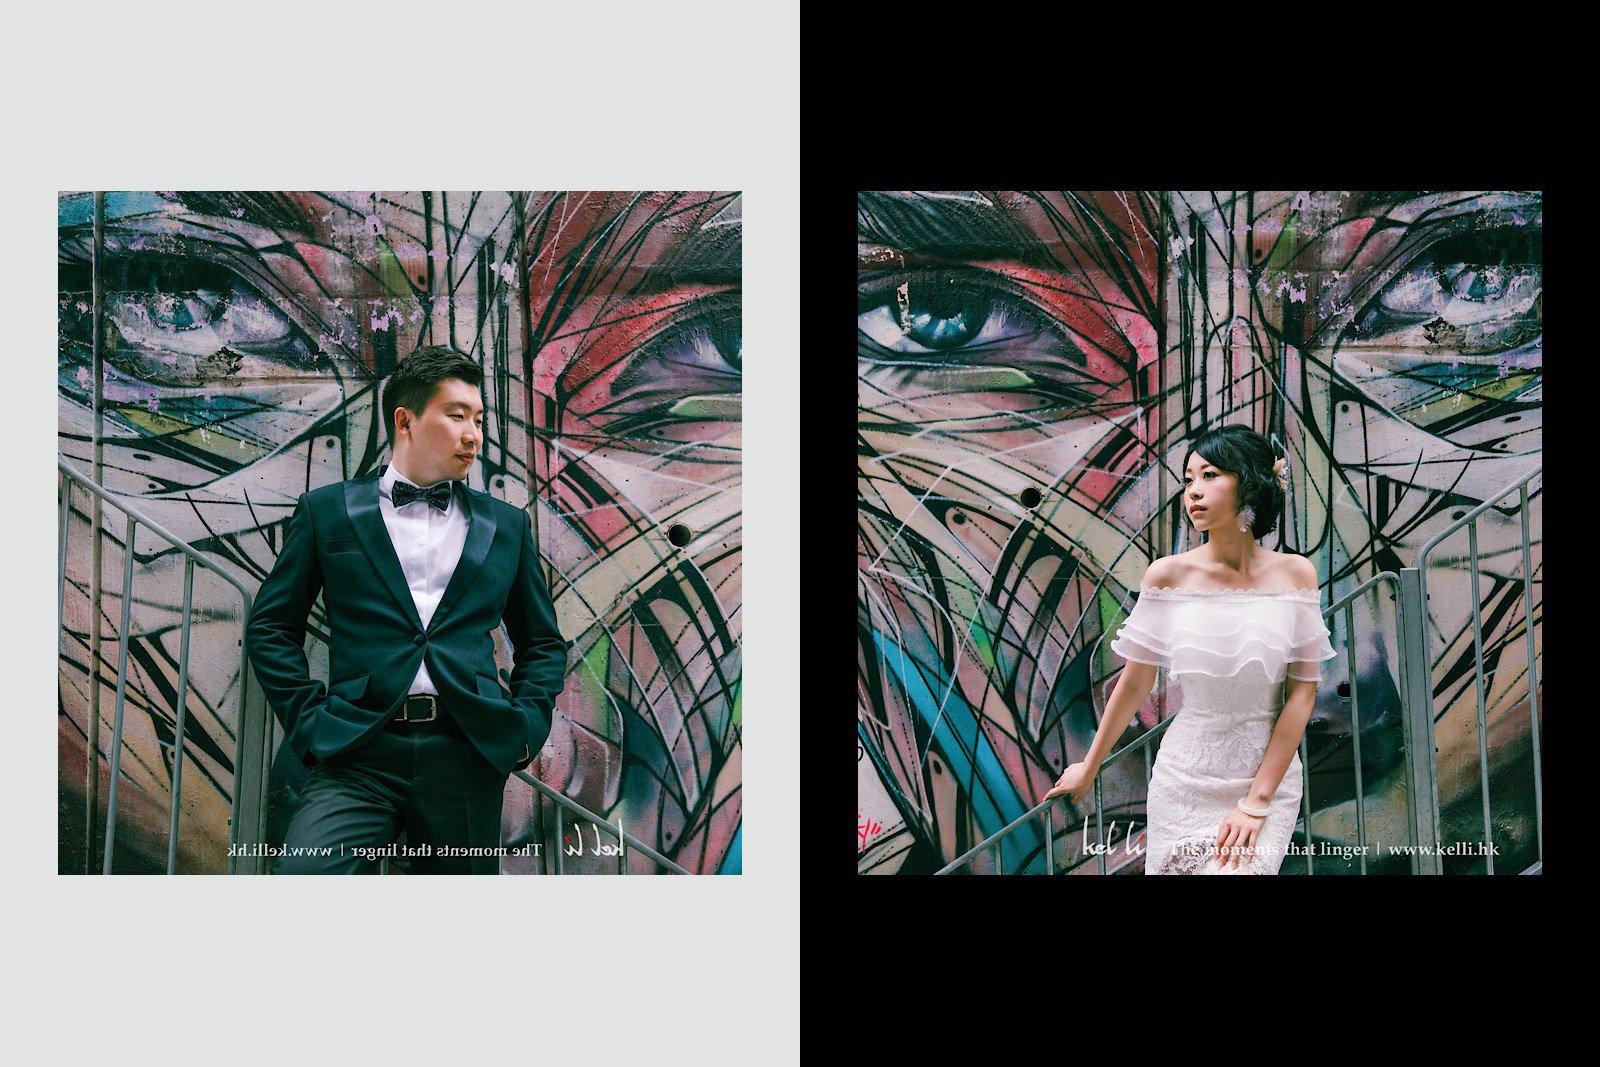 塗鴉和婚紗形成強烈的對比效果